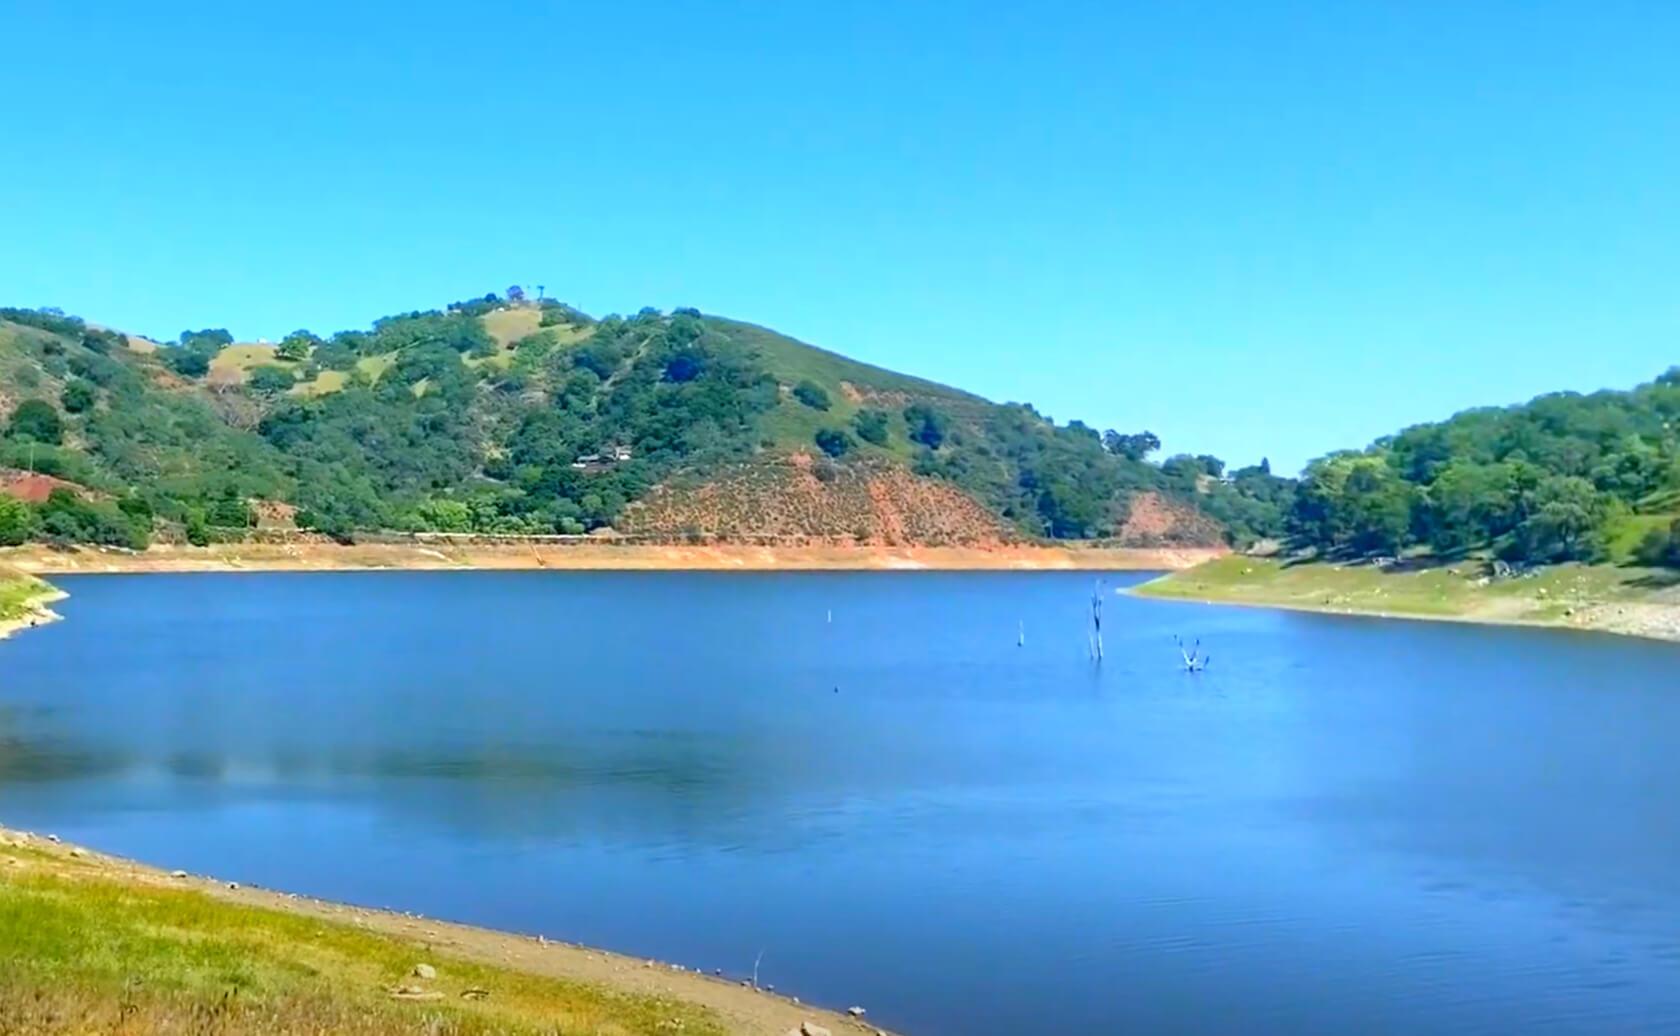 Chesbro-Reservoir-Lake-Fishing-Guide-Report-San-Jose-CA-04